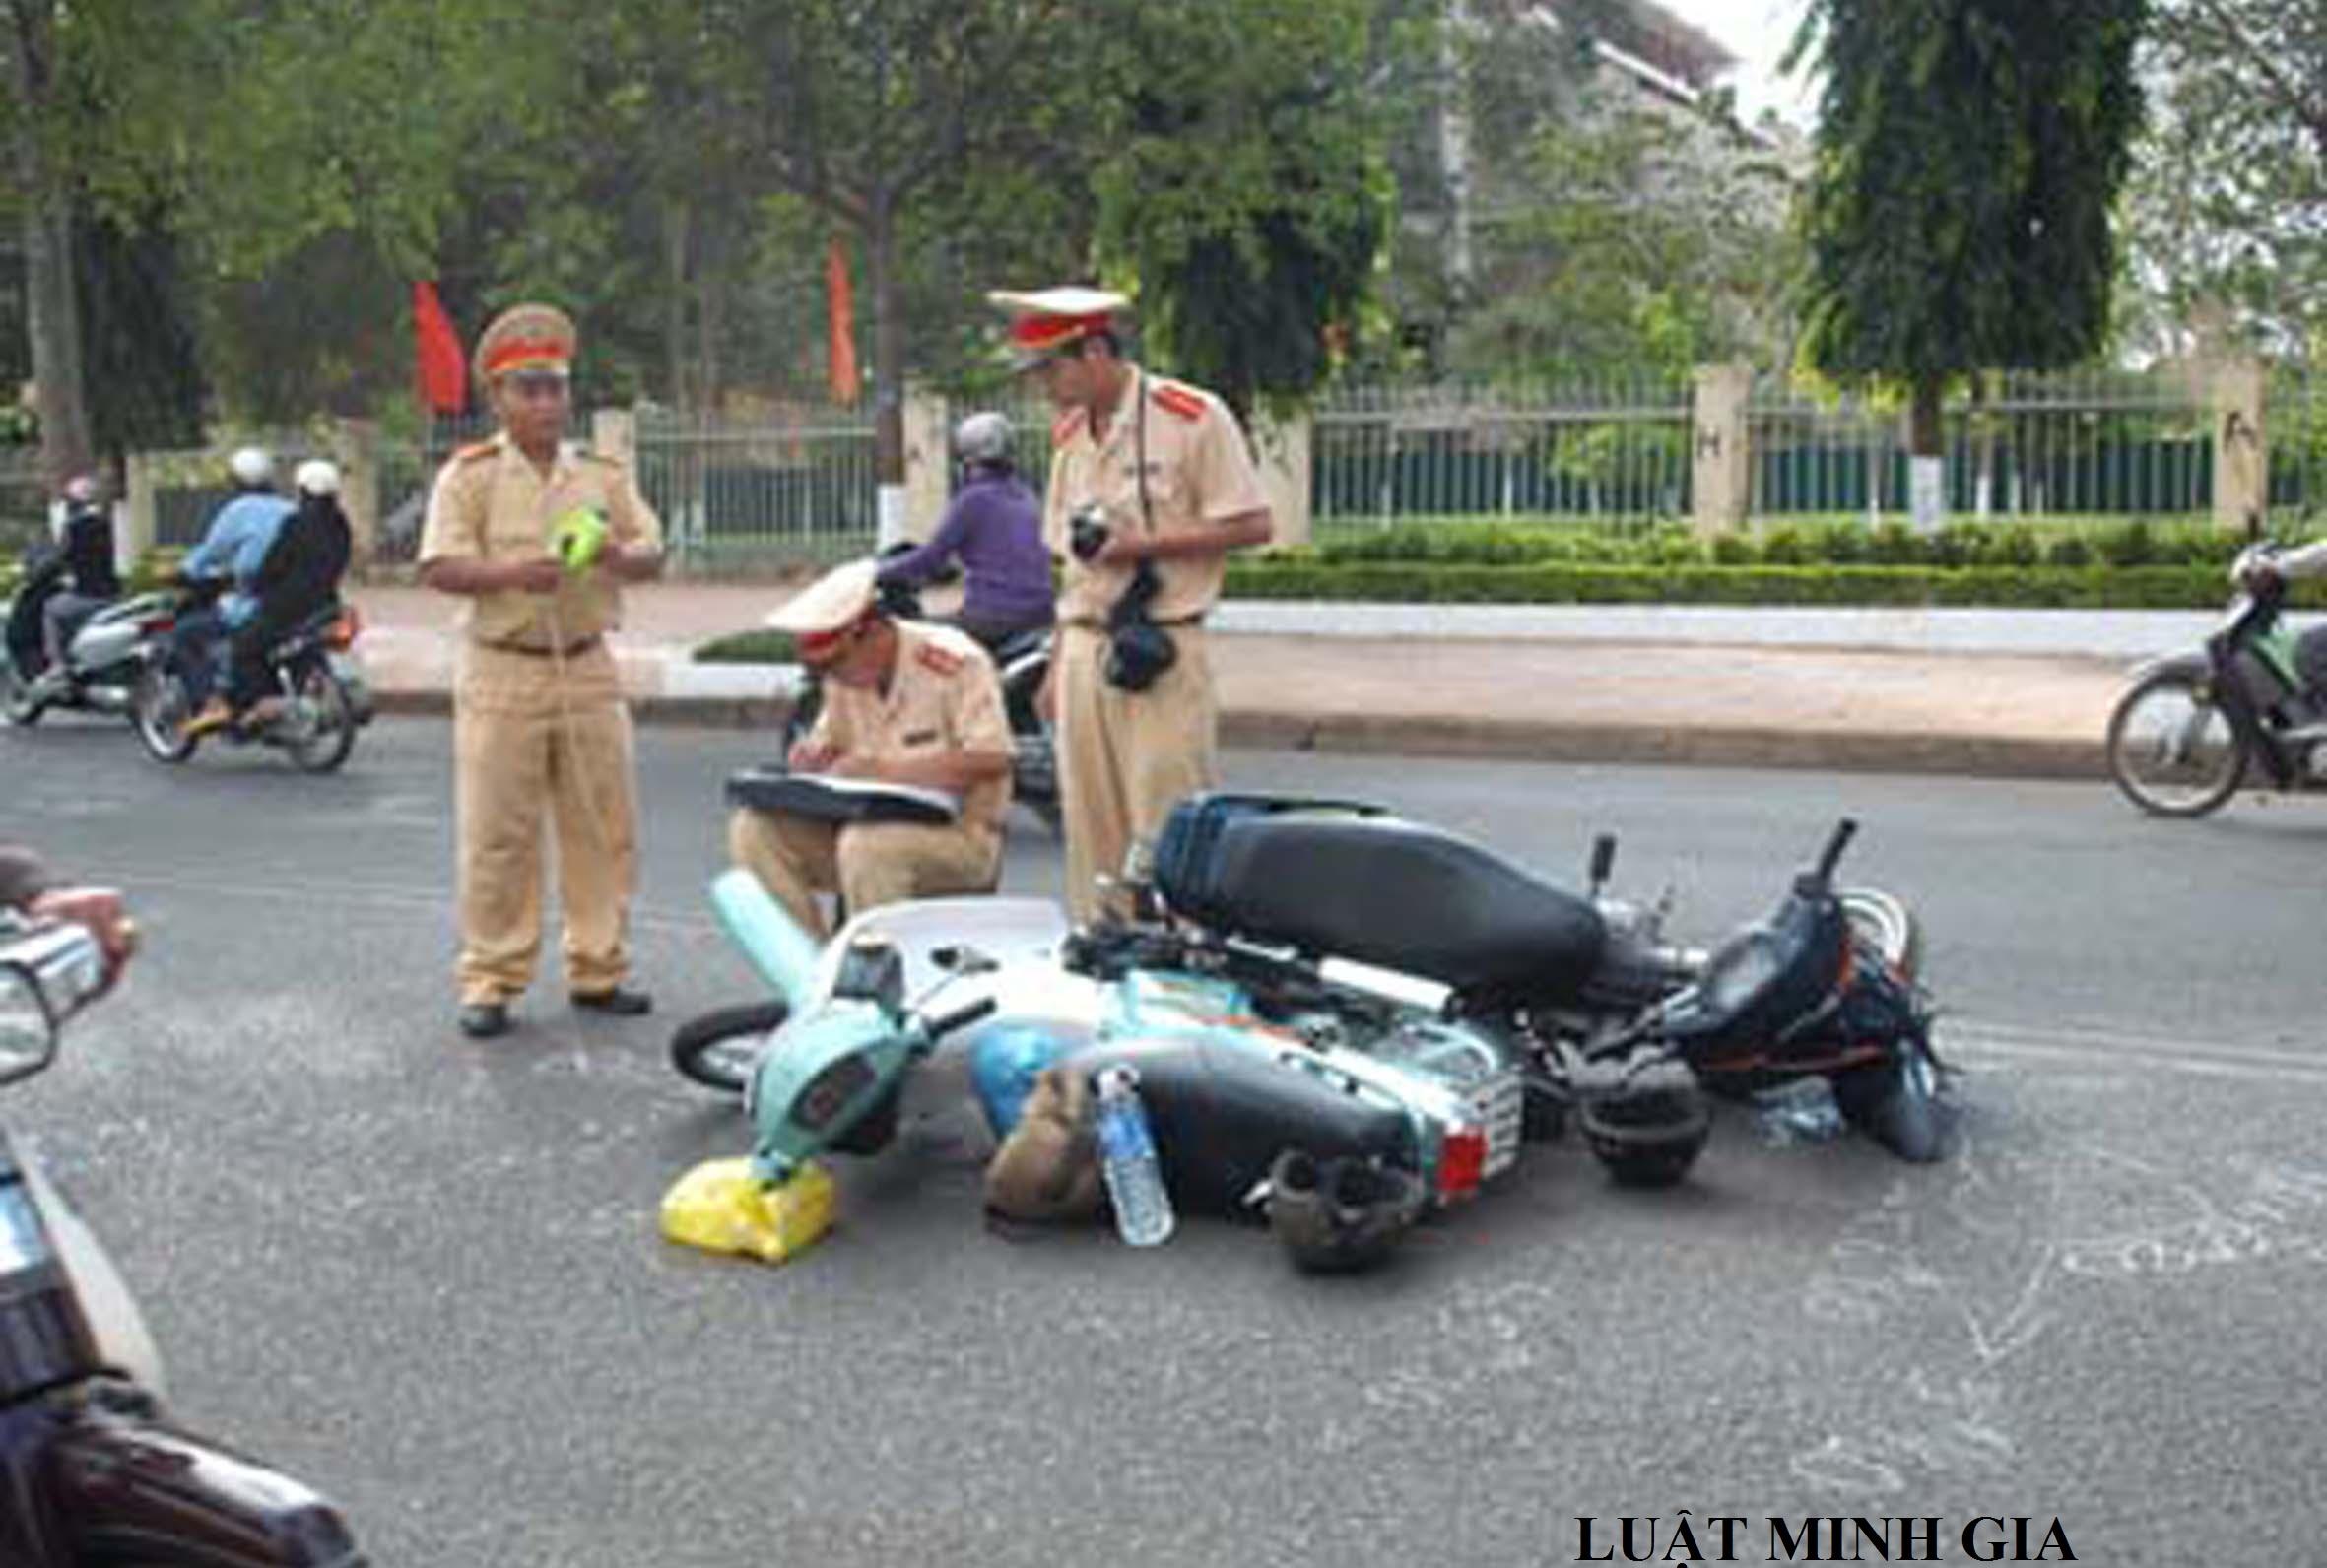 Tư vấn về trường hợp tham gia giao thông gây tai nạn chết người